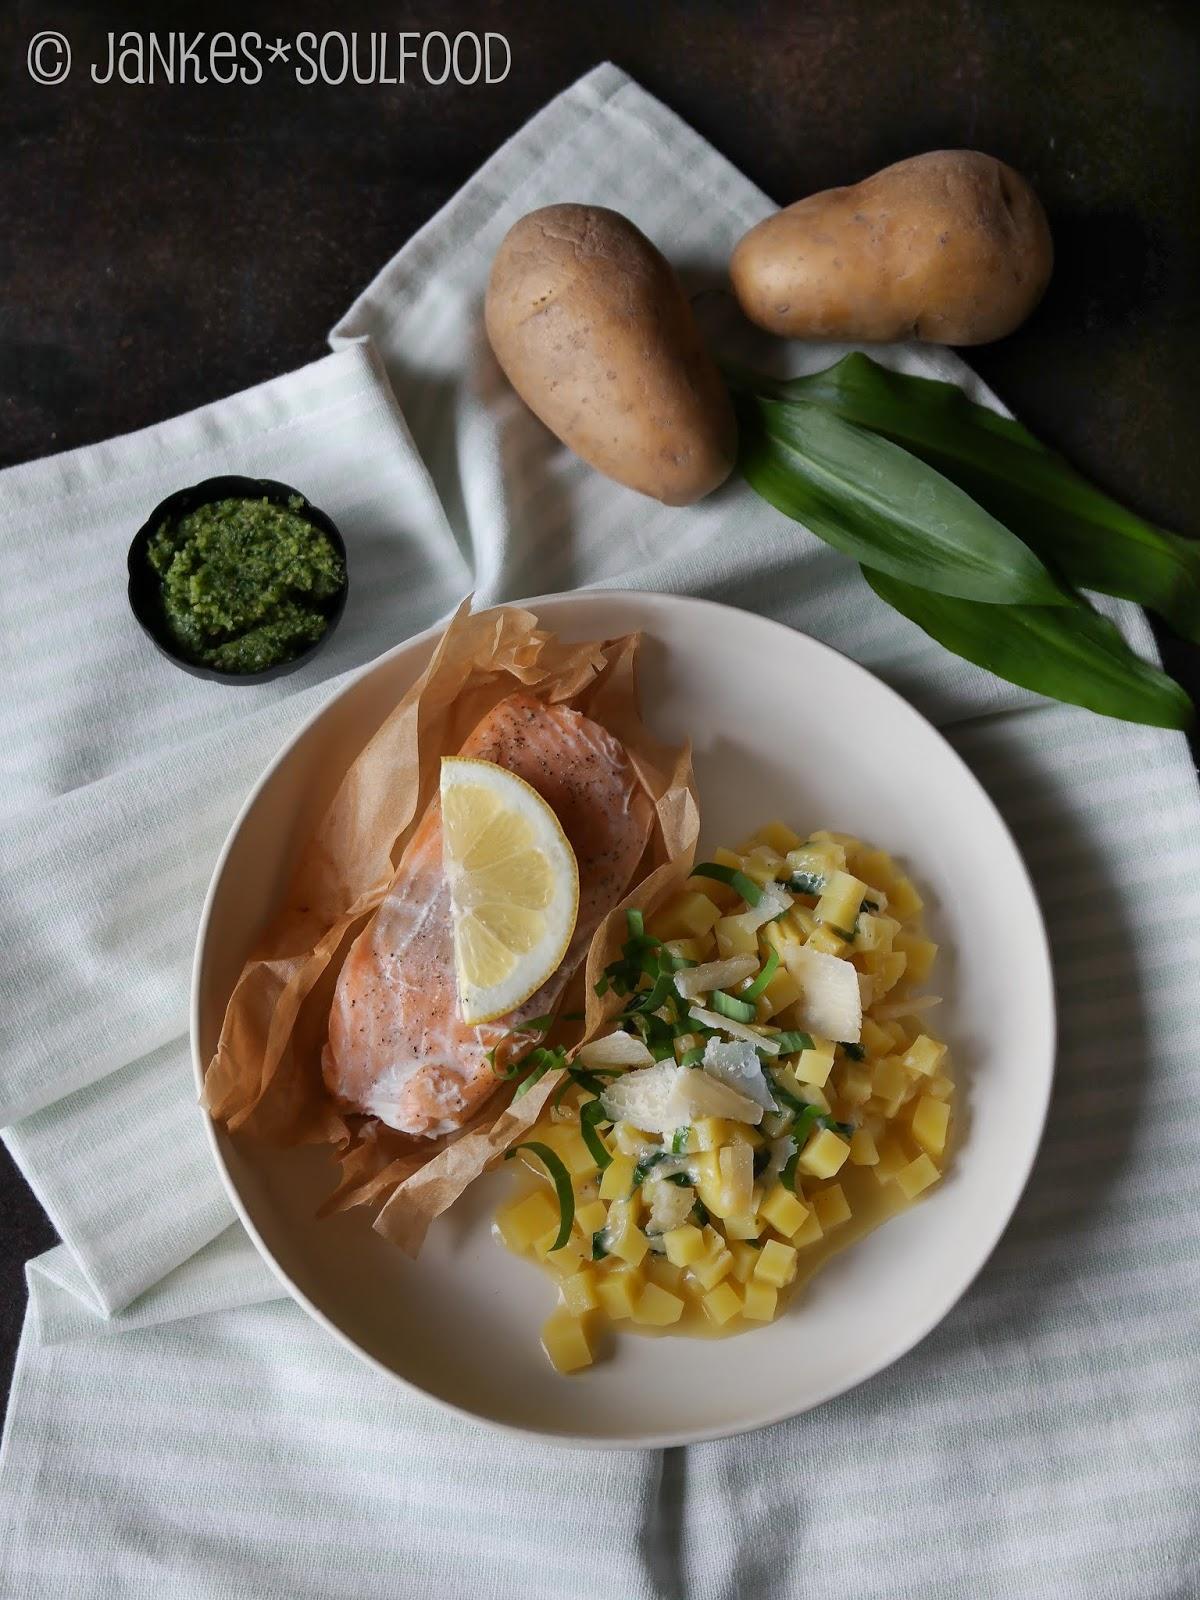 Kartoffelgemüse mit Bärlauch und Käse